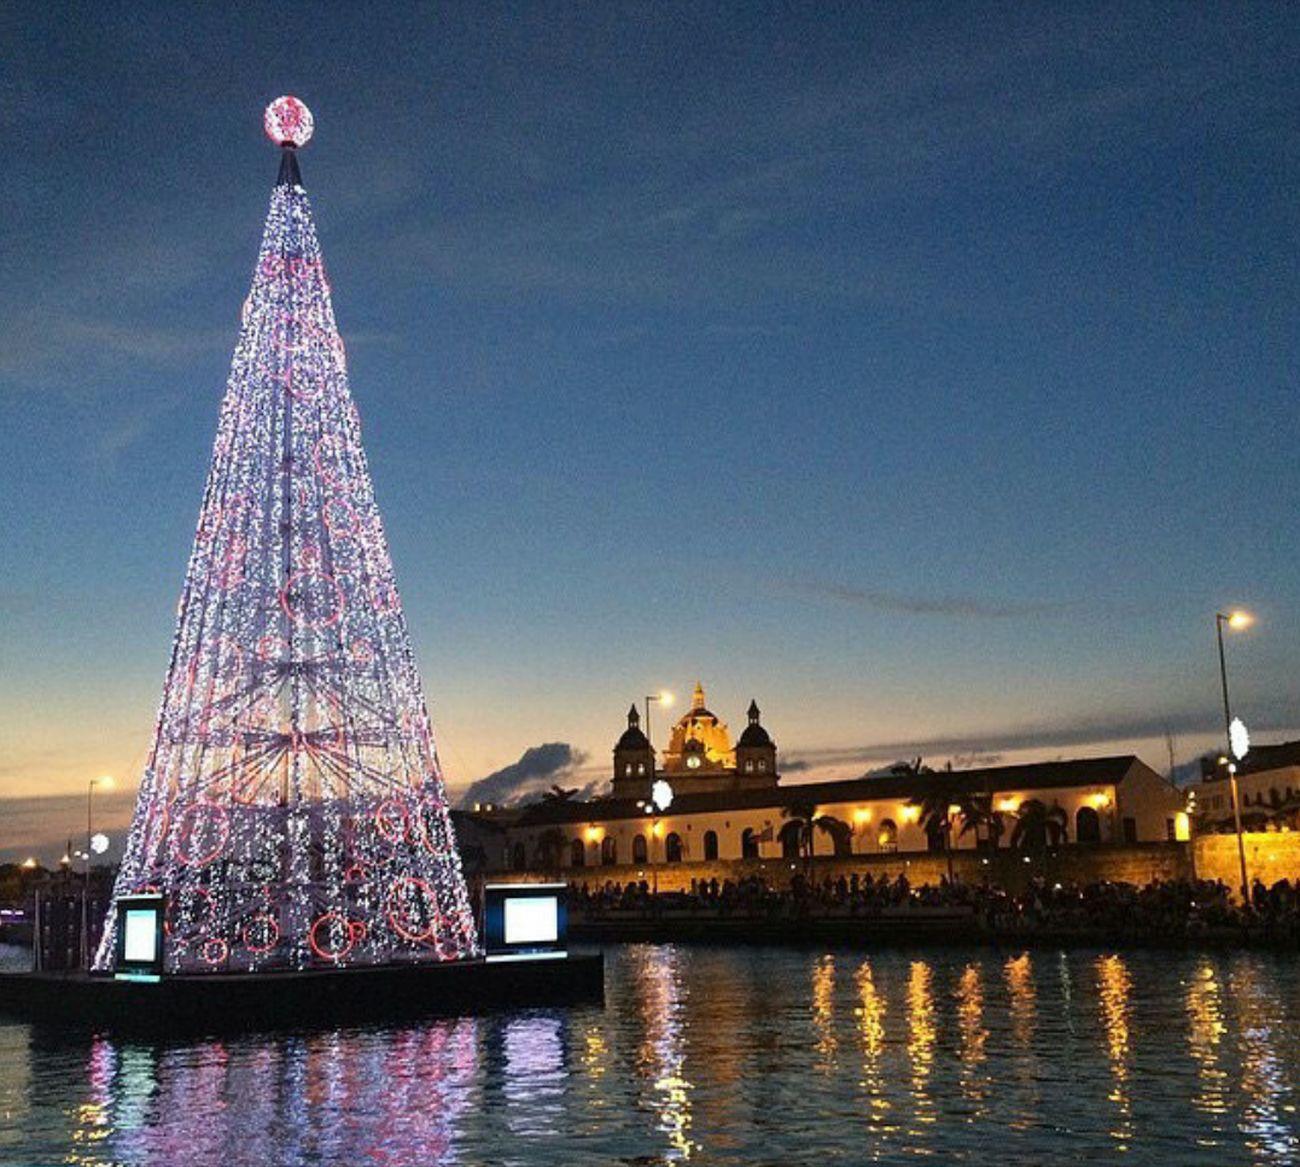 Xmas Tree Xmas Lights  Happyxmas Happy Holidays!